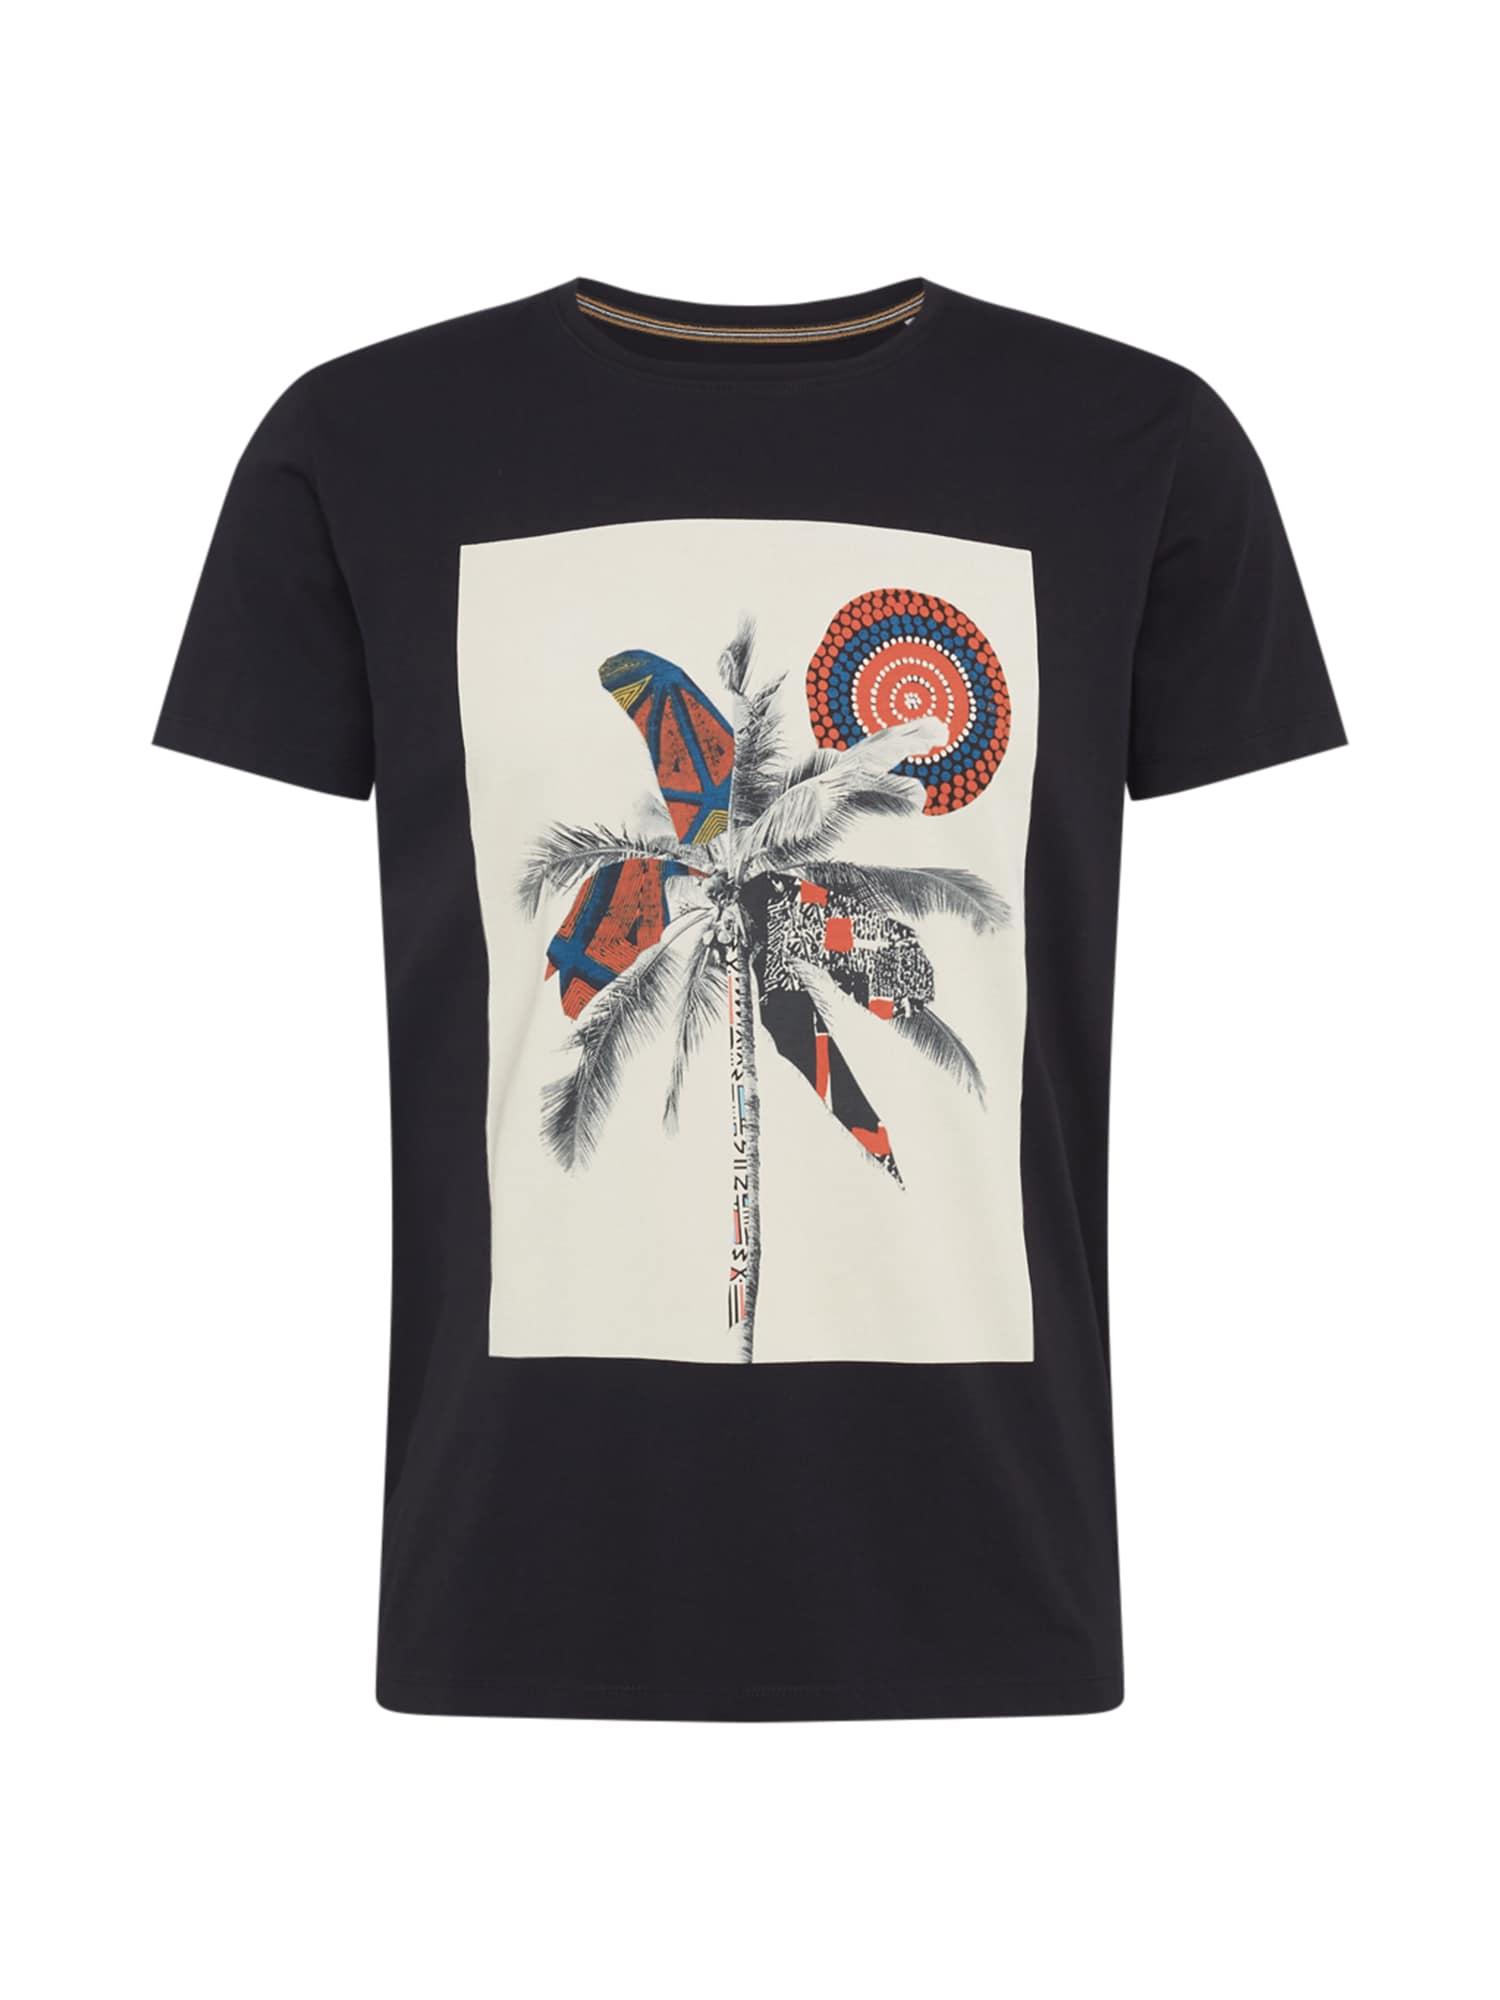 ESPRIT Marškinėliai juoda / balta / pilka / tamsiai oranžinė / mišrios spalvos